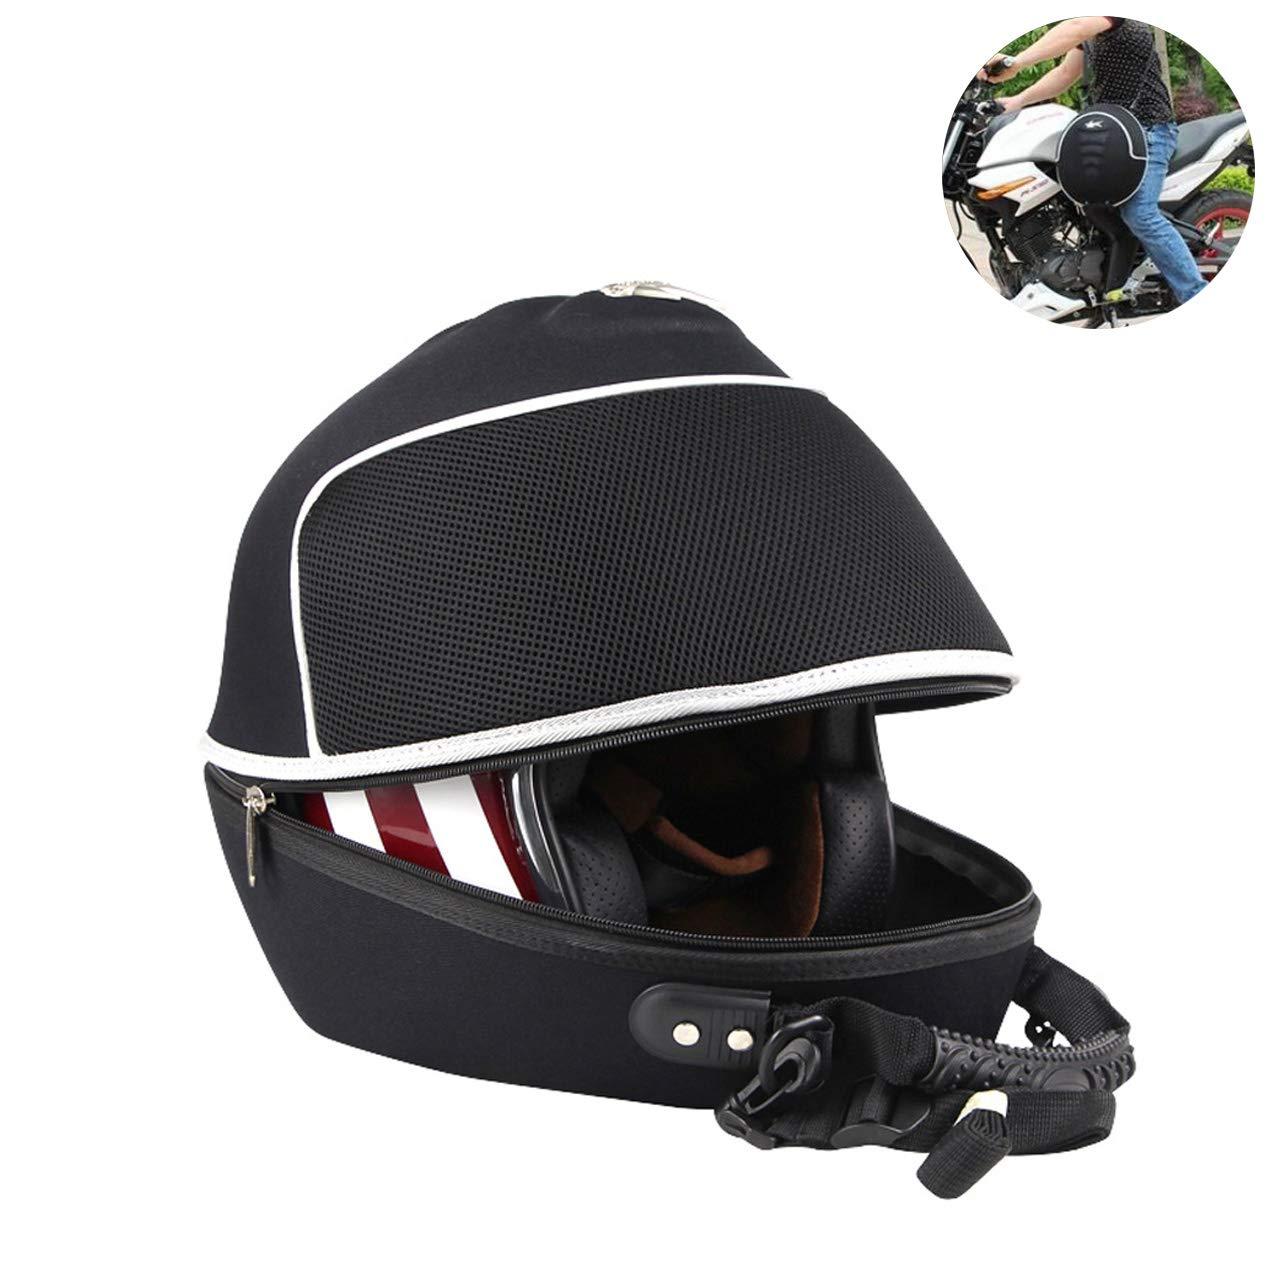 NATGIC Motorcycle Helmet Bag Water-Resistant High Capacity Motorcycle Helmet Bag Ride Bag Travel Training Bags Racing Bags Multifunction Backpack Tool Bag - New Black